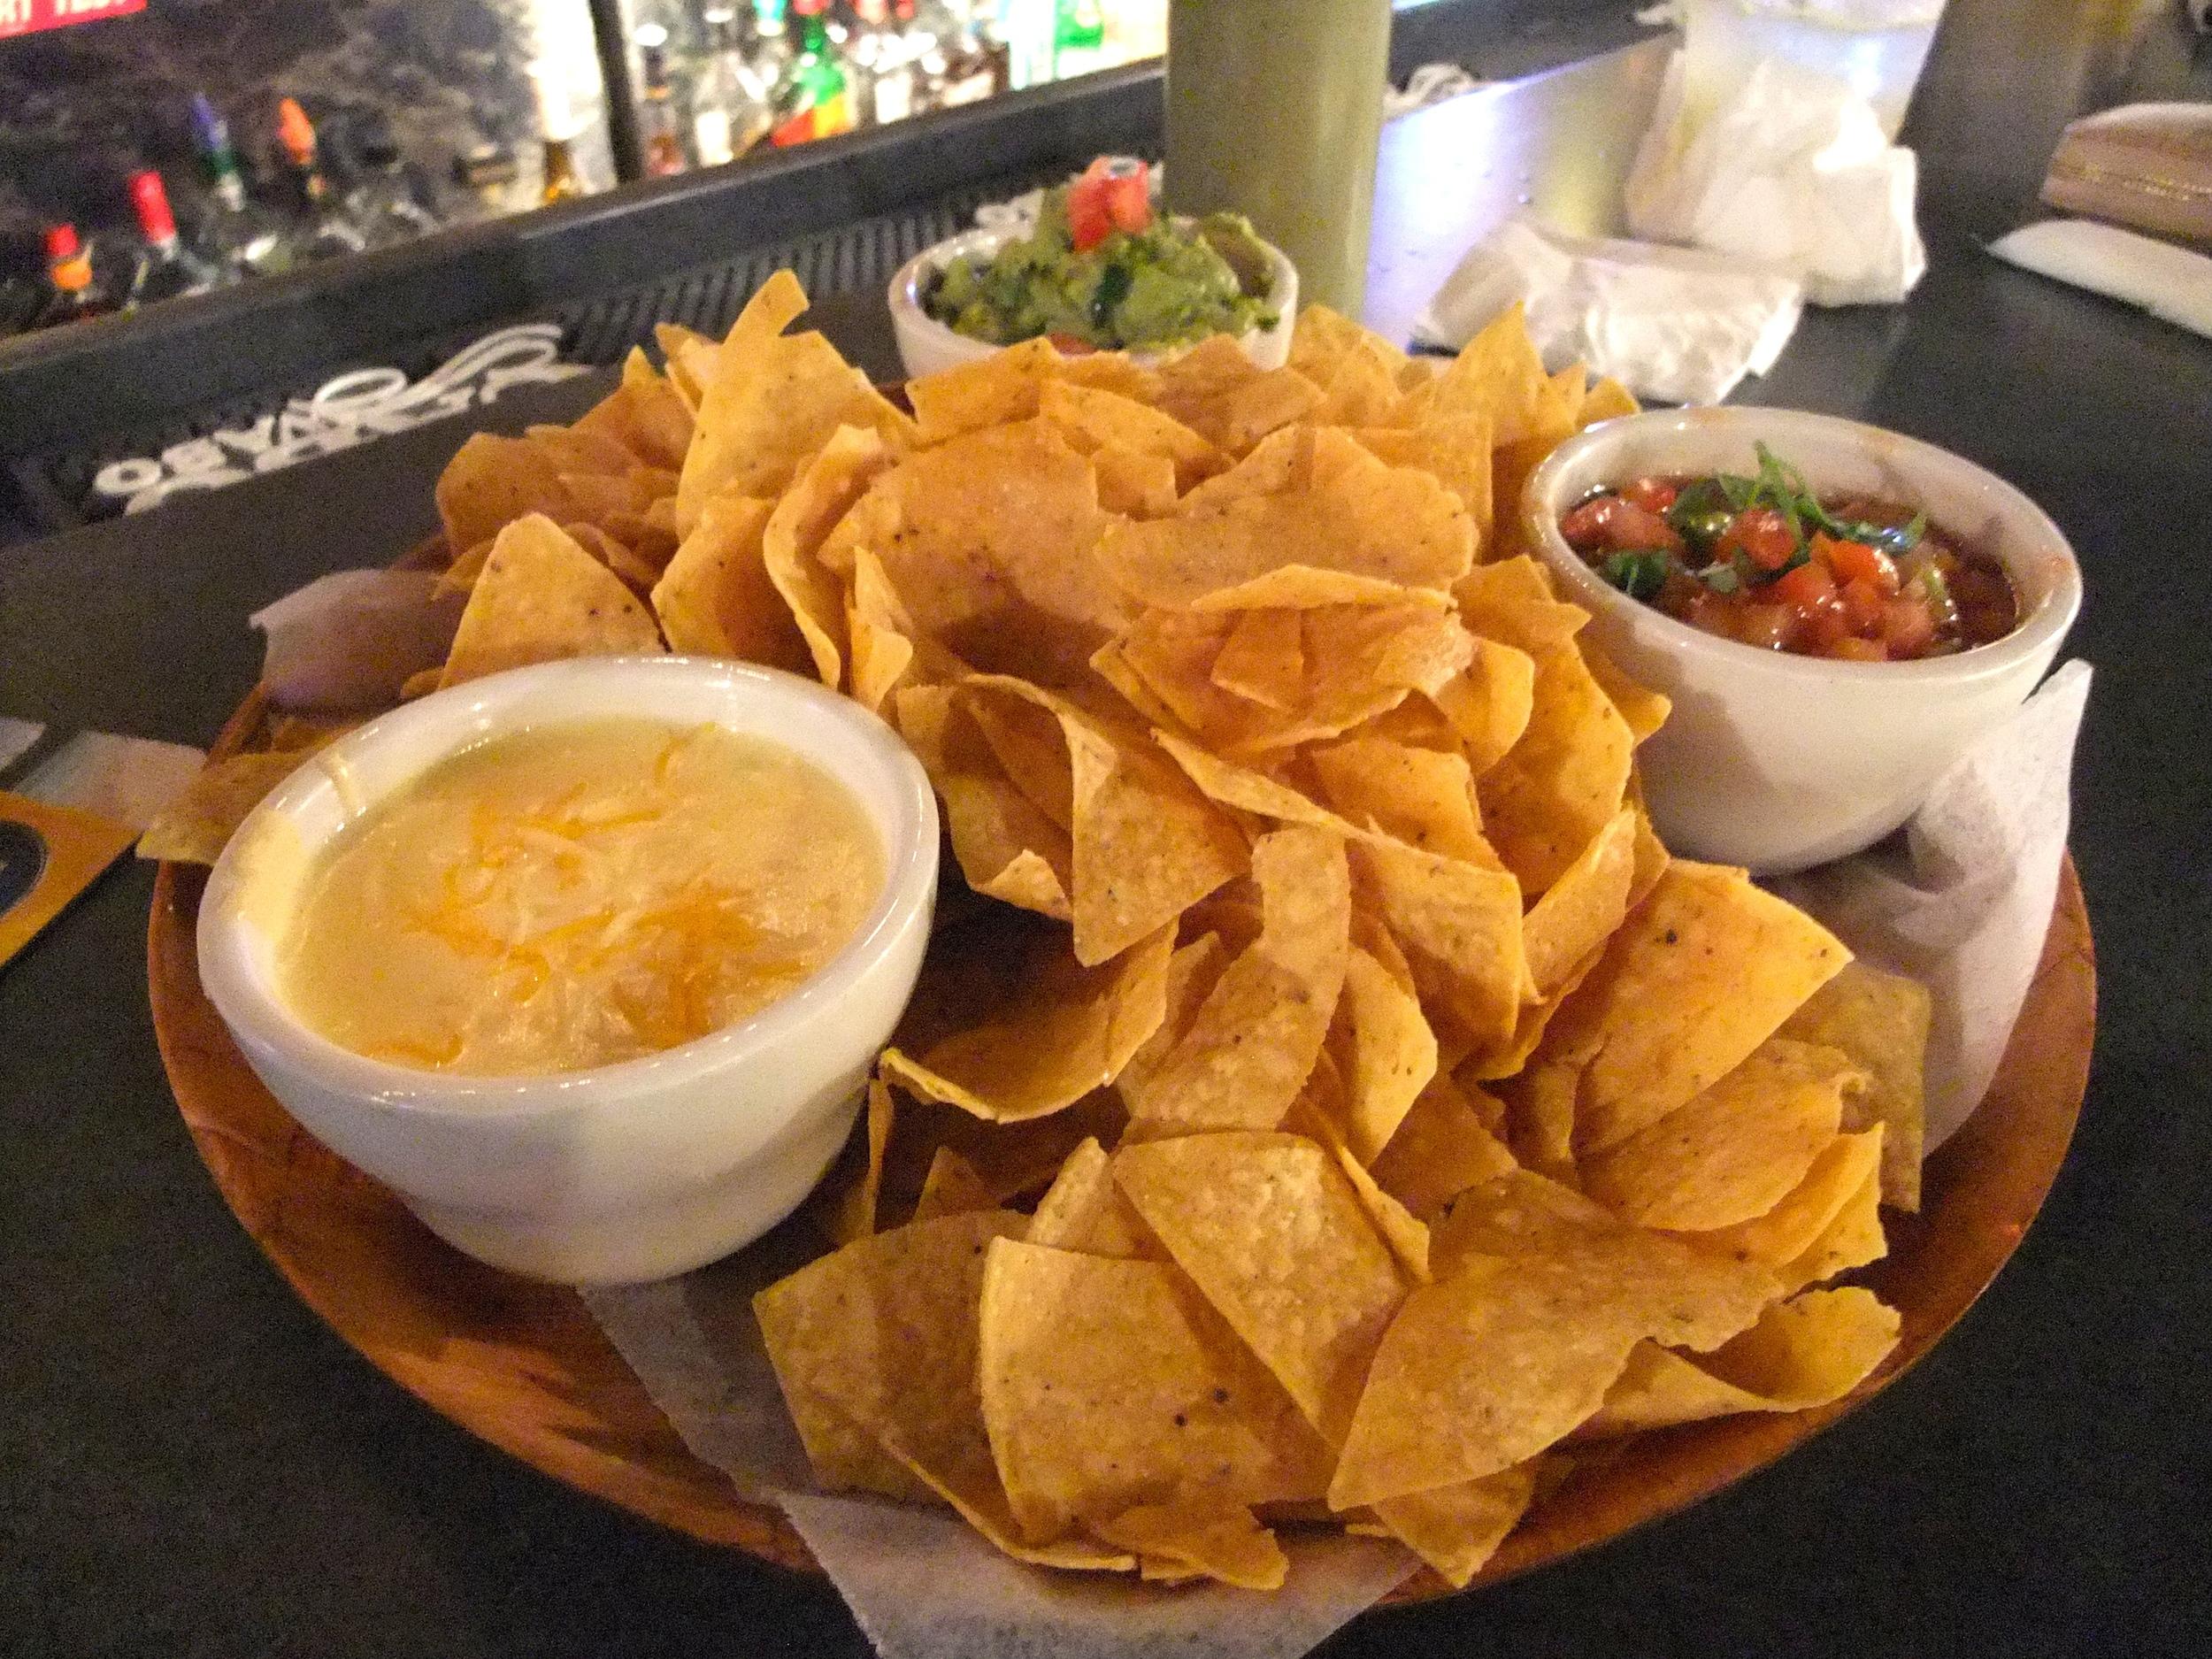 Chips and dips at VIP